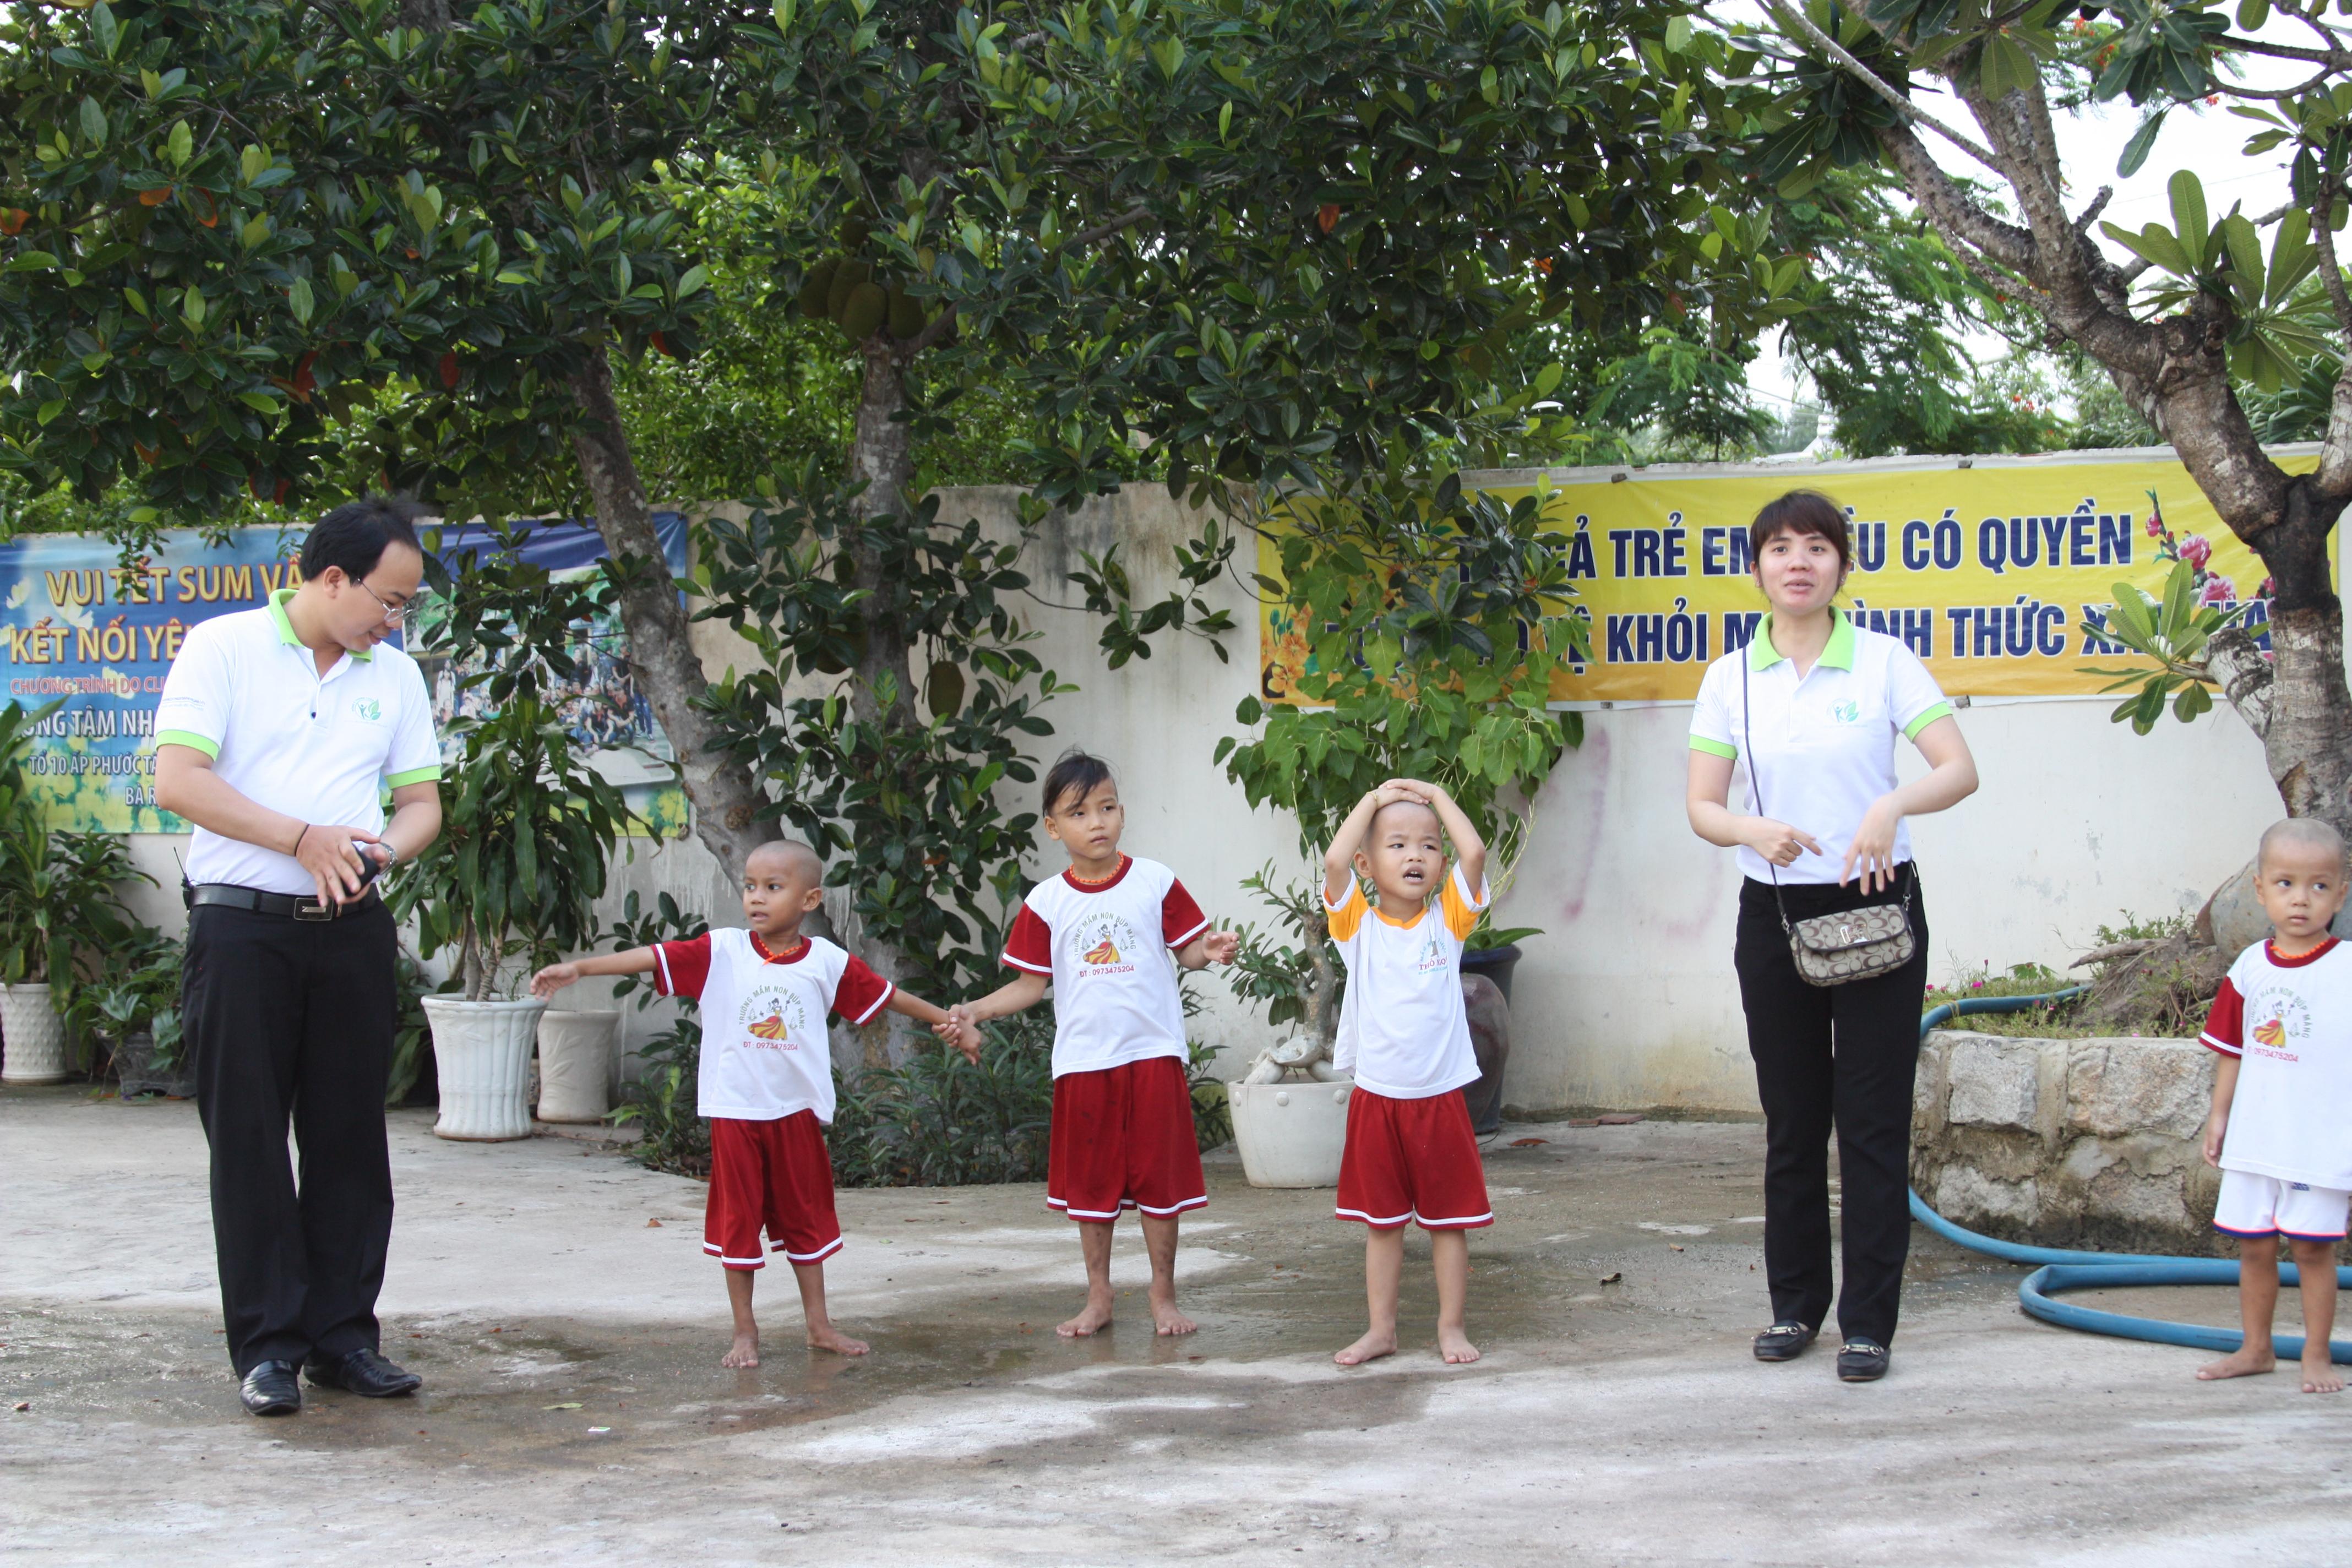 đông y thanh tuấn đi từ thiện 18